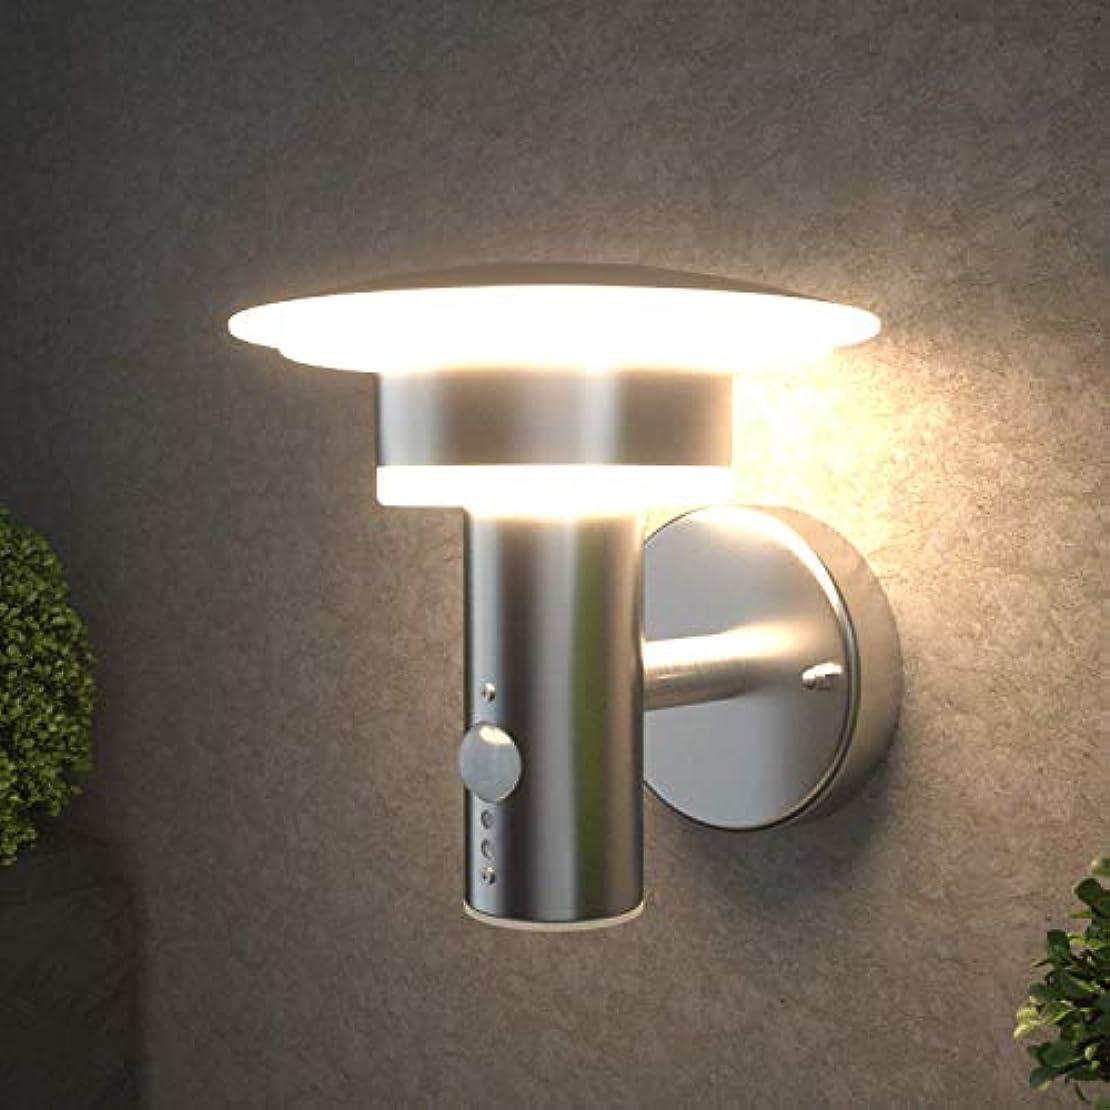 核中止しますリーダーシップNBHANYUAN Lighting センサー付き LED 夜間自動点灯 ブラケットライト 玄関灯 門灯 庭園灯 屋外 壁面用 照明器具 洋式 現代デザイン 防水レベル=IP64 9.5W 銀色 取付簡単